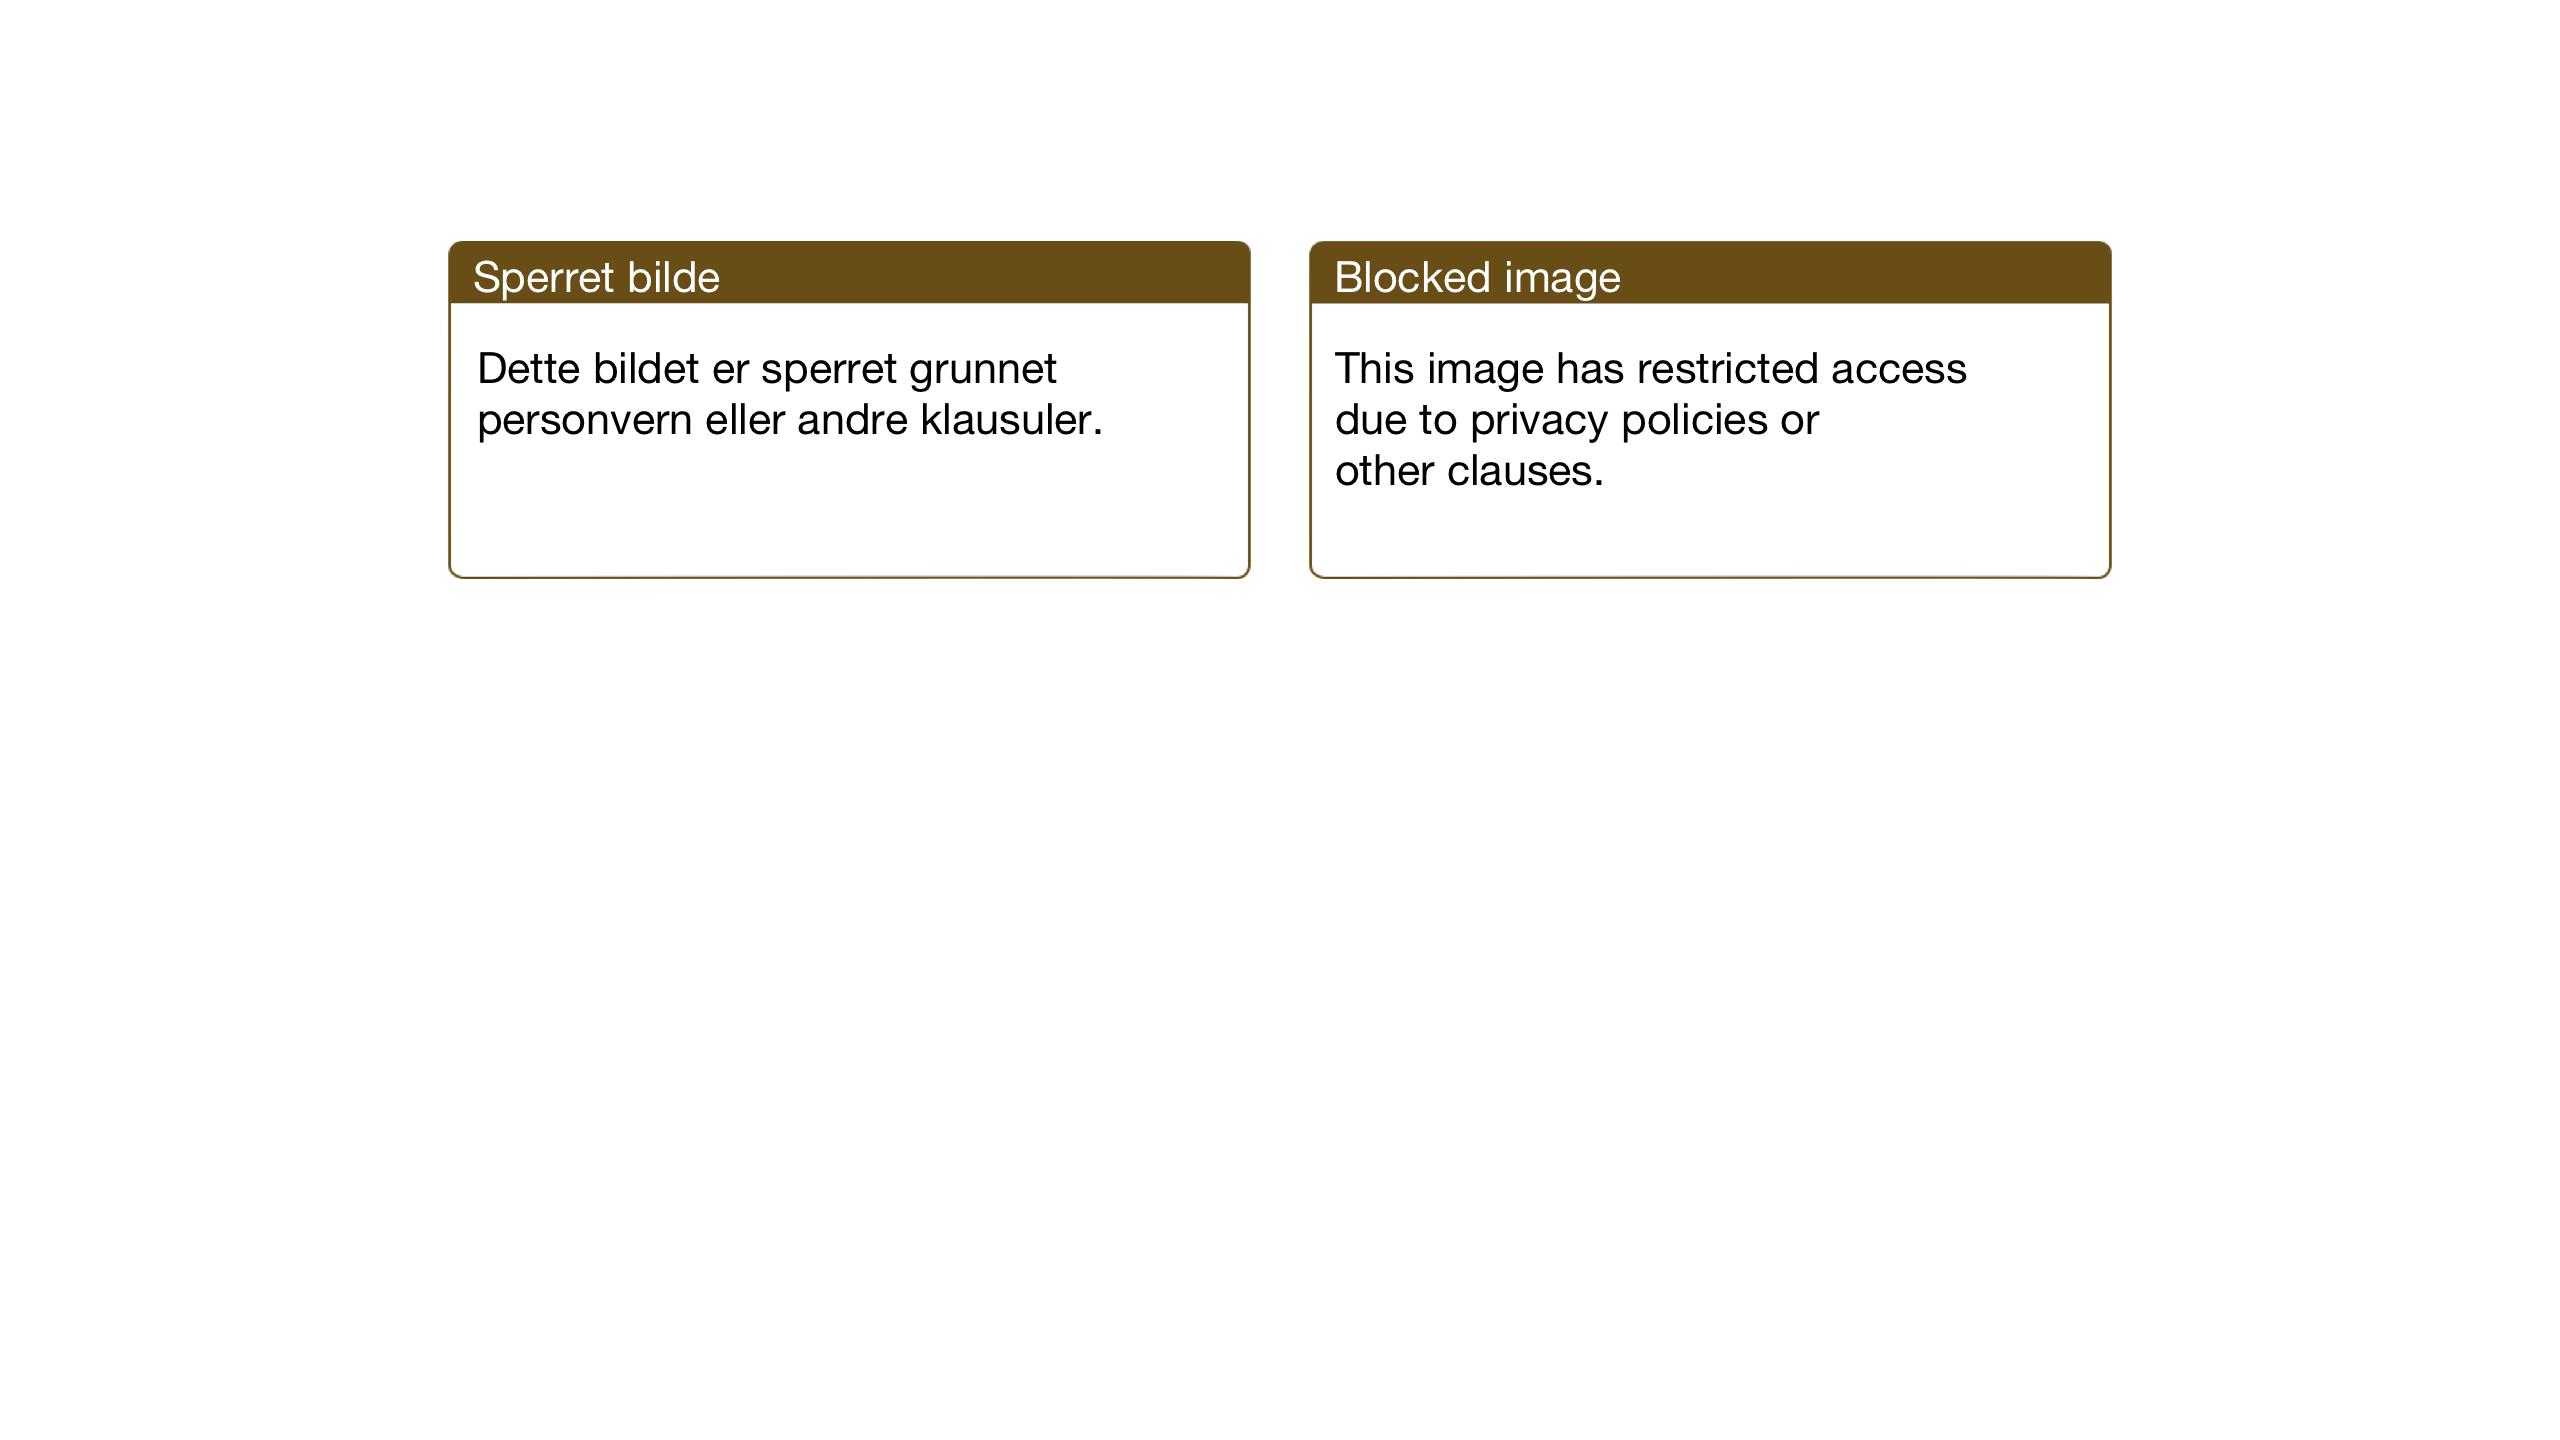 SAT, Ministerialprotokoller, klokkerbøker og fødselsregistre - Sør-Trøndelag, 640/L0590: Klokkerbok nr. 640C07, 1935-1948, s. 48